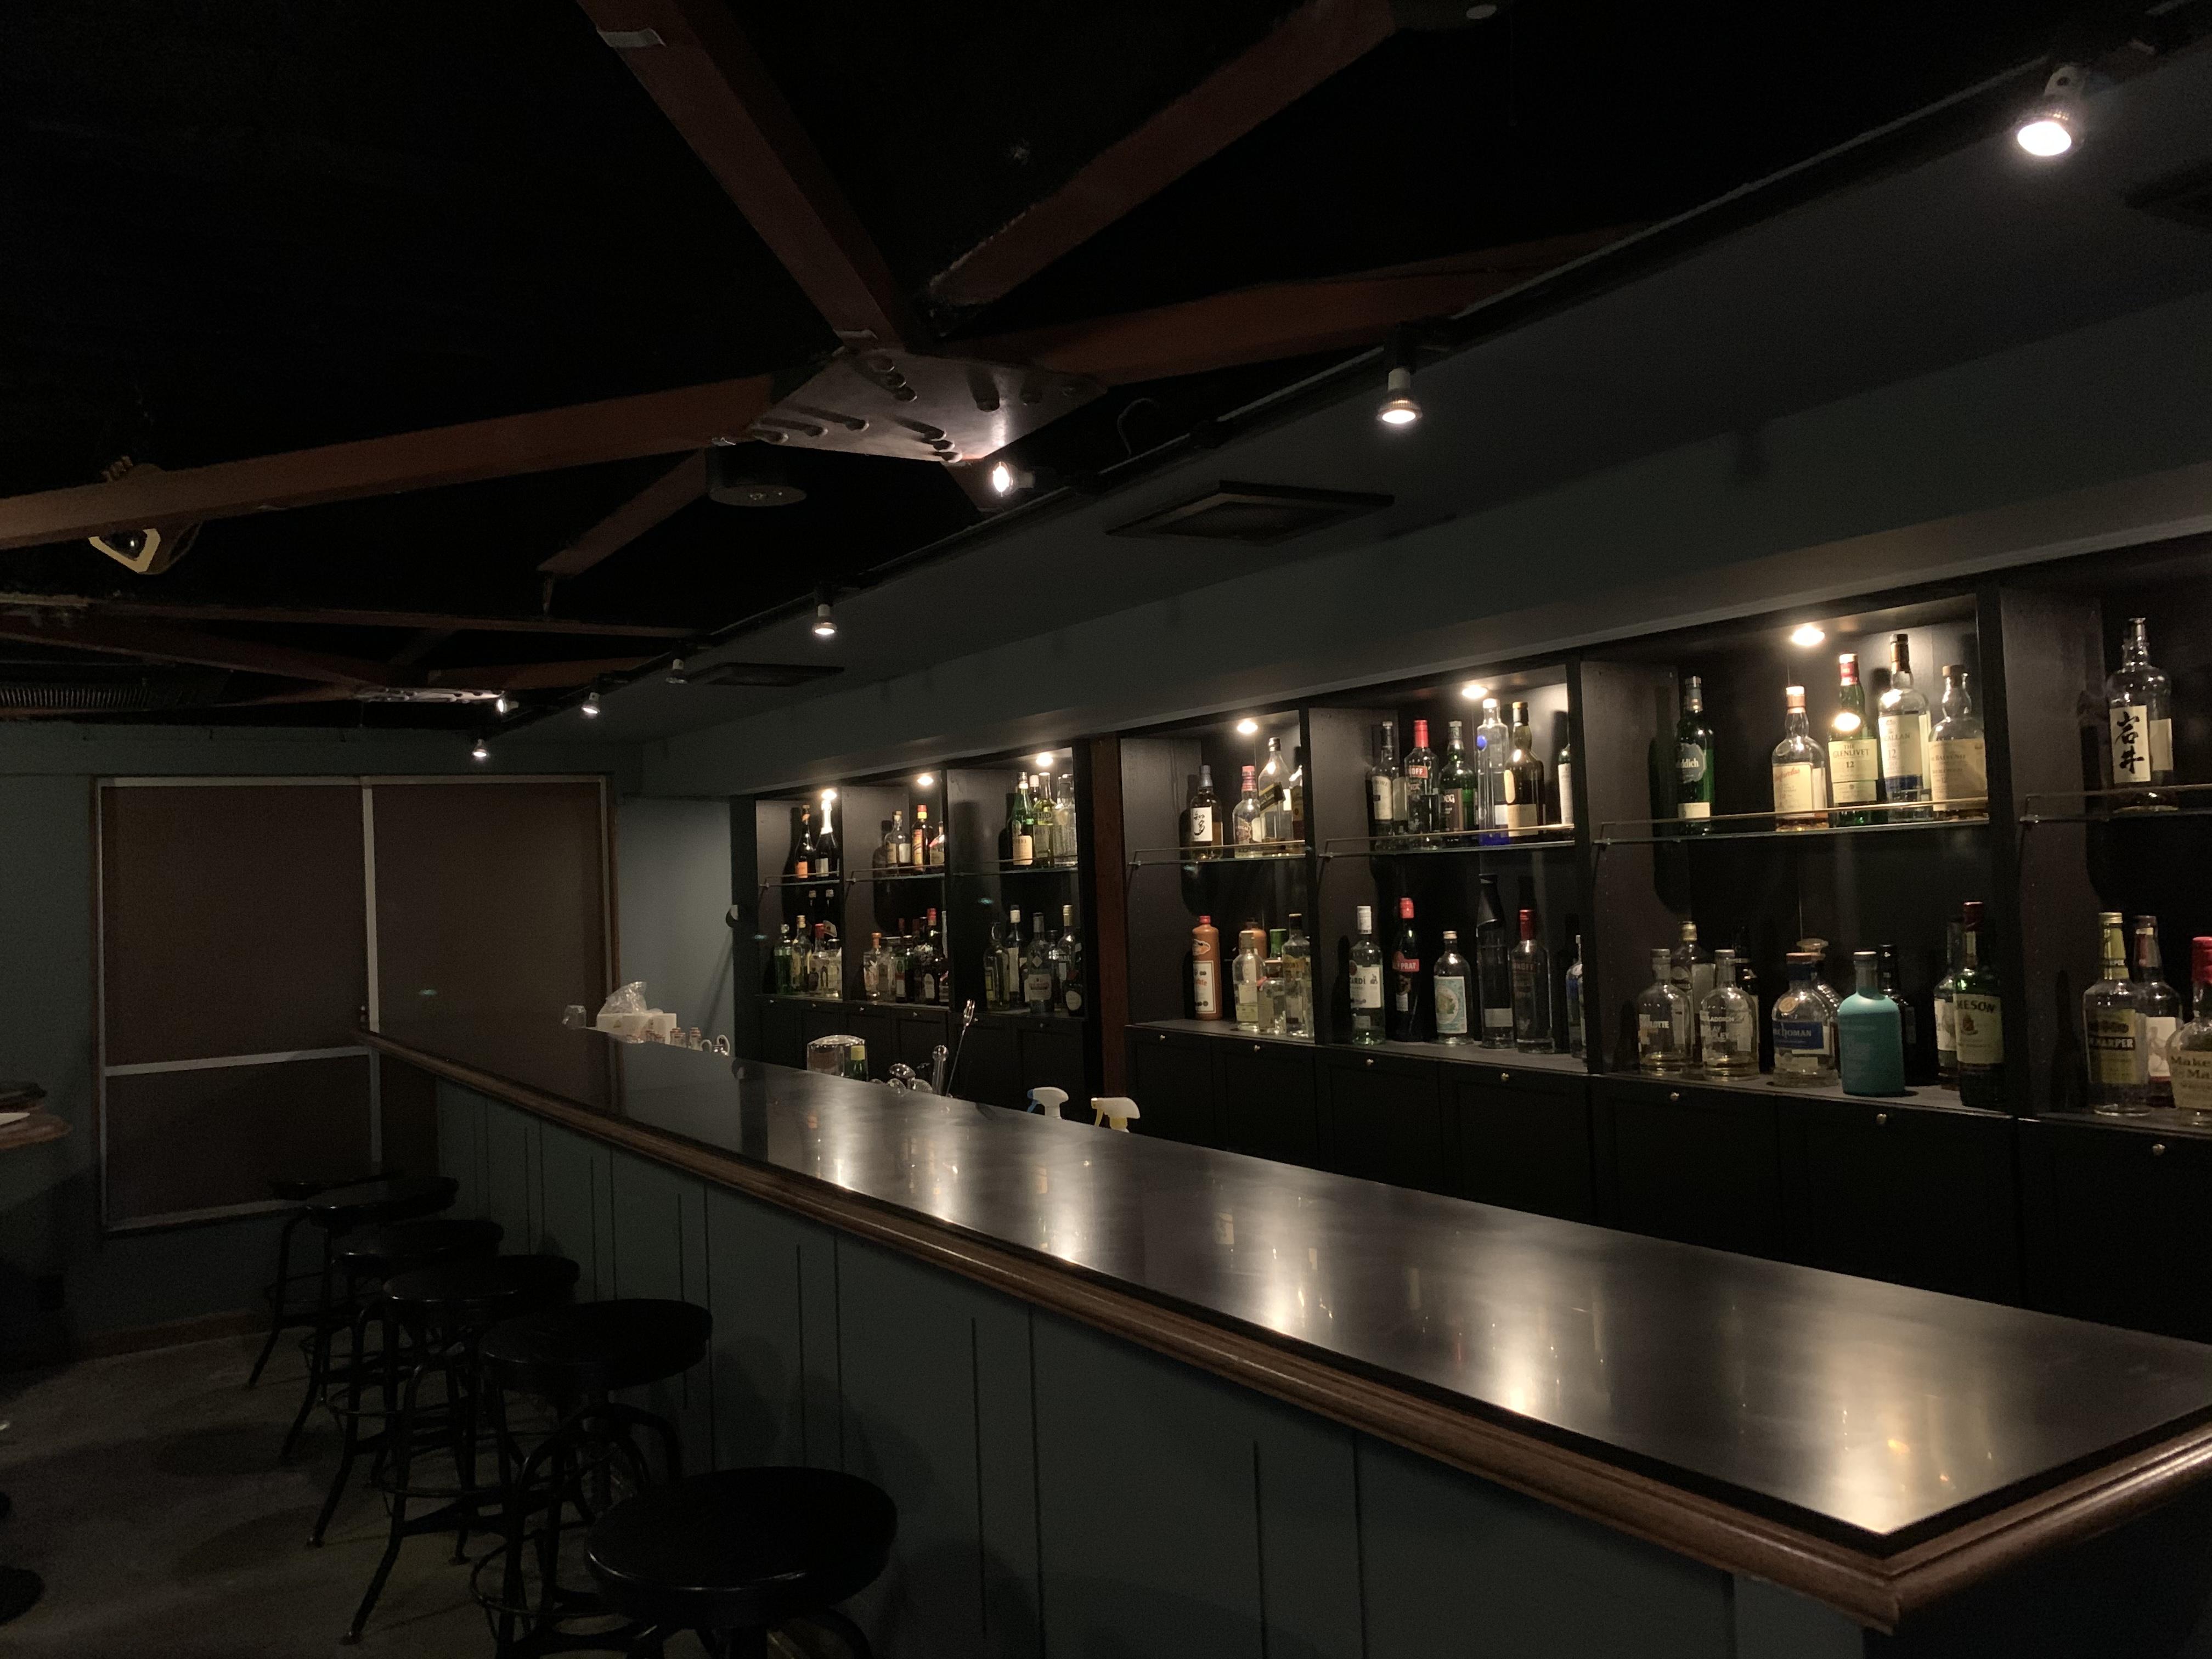 席数8のカウンター。照明は調光できるので、実際は写真よりももっと雰囲気あります。 - bar102 カウンターバースペースの室内の写真